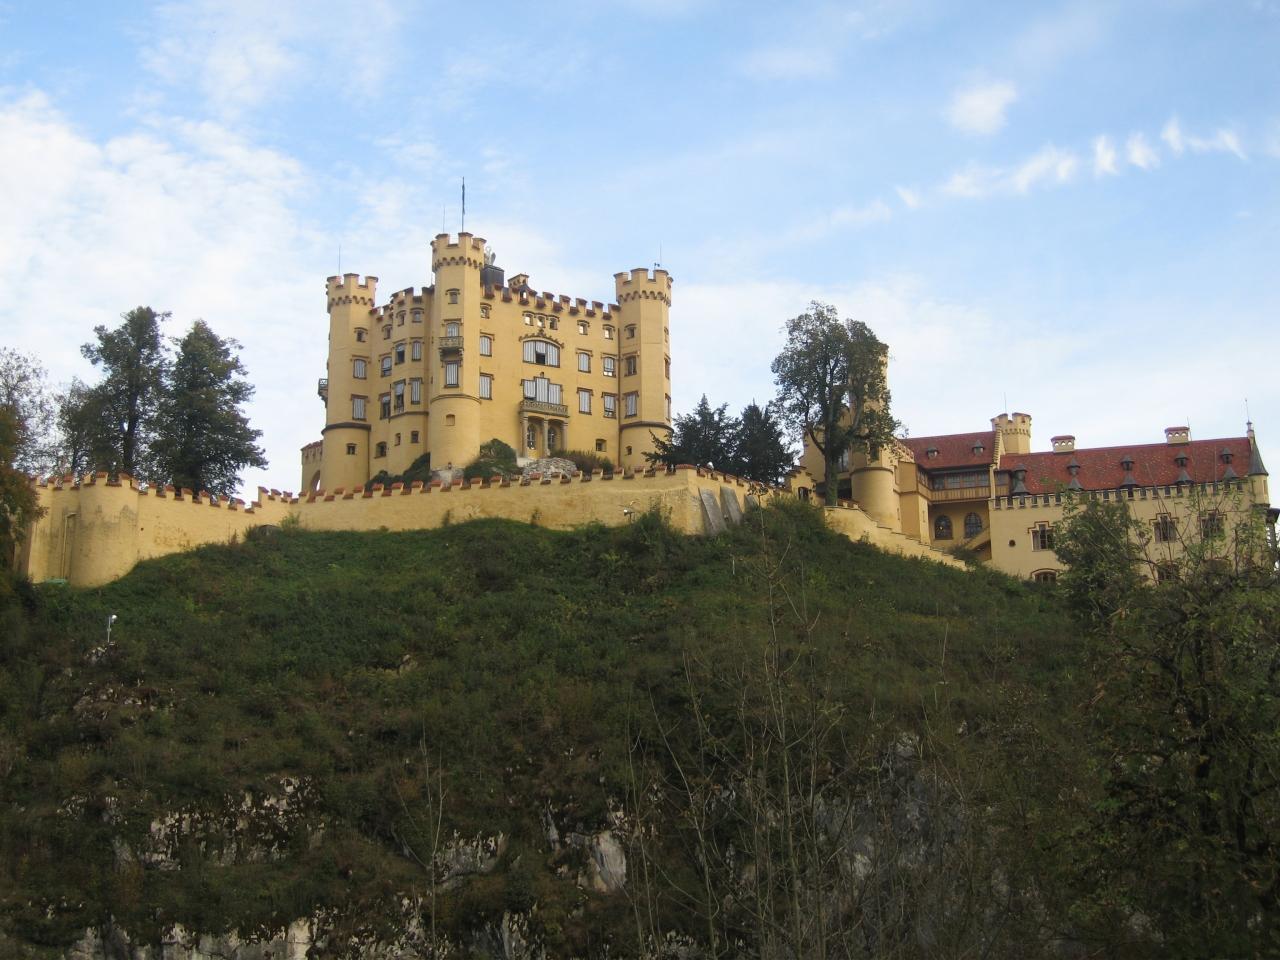 夢の城ノイシュバンシュタイン城とロココ様式のヴィース教会